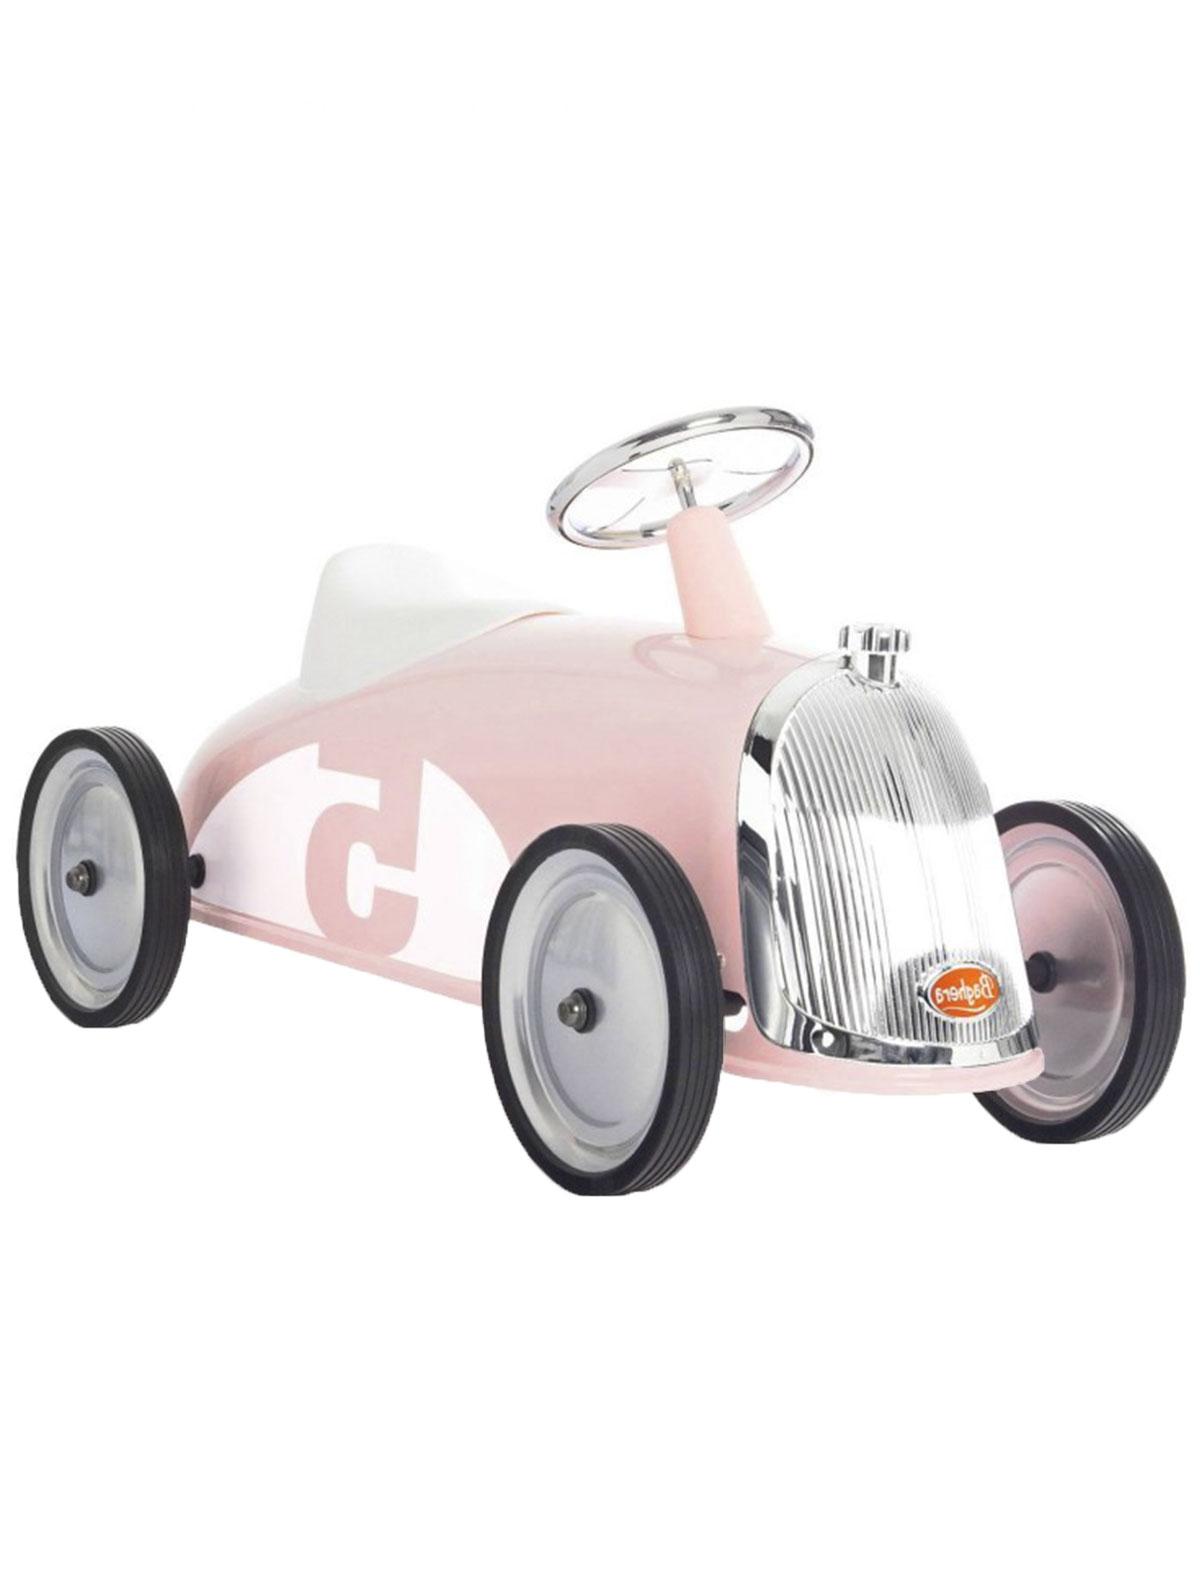 Купить 2269236, Игрушка Baghera, розовый, 7134520081287